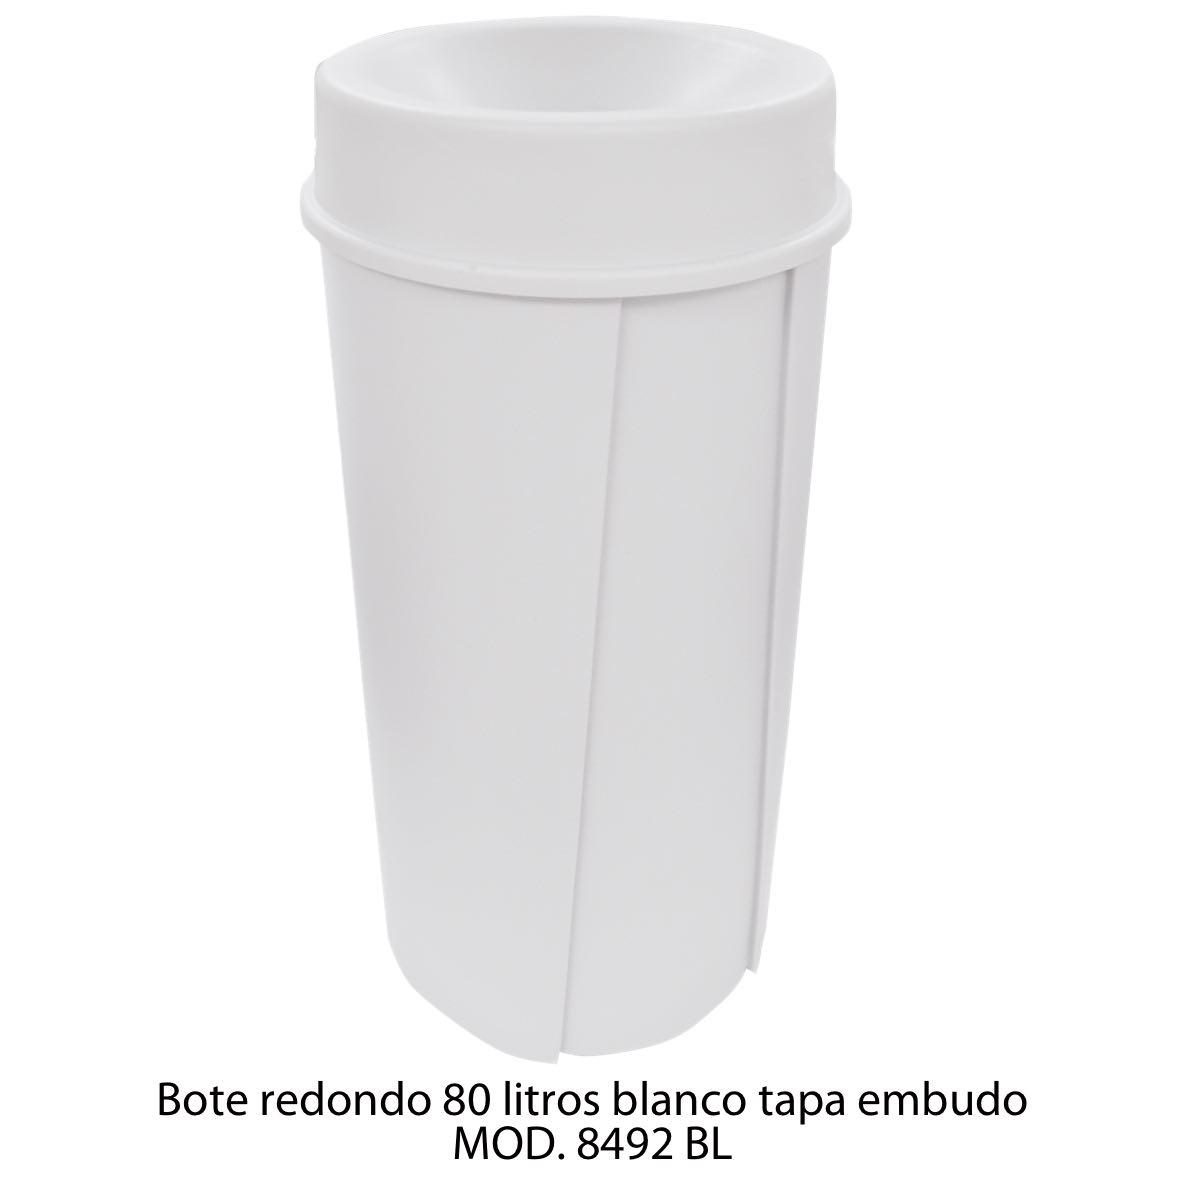 Bote de basura redondo de 80 litros con tapa embudo color blanco modelo 8492 BL Sablón